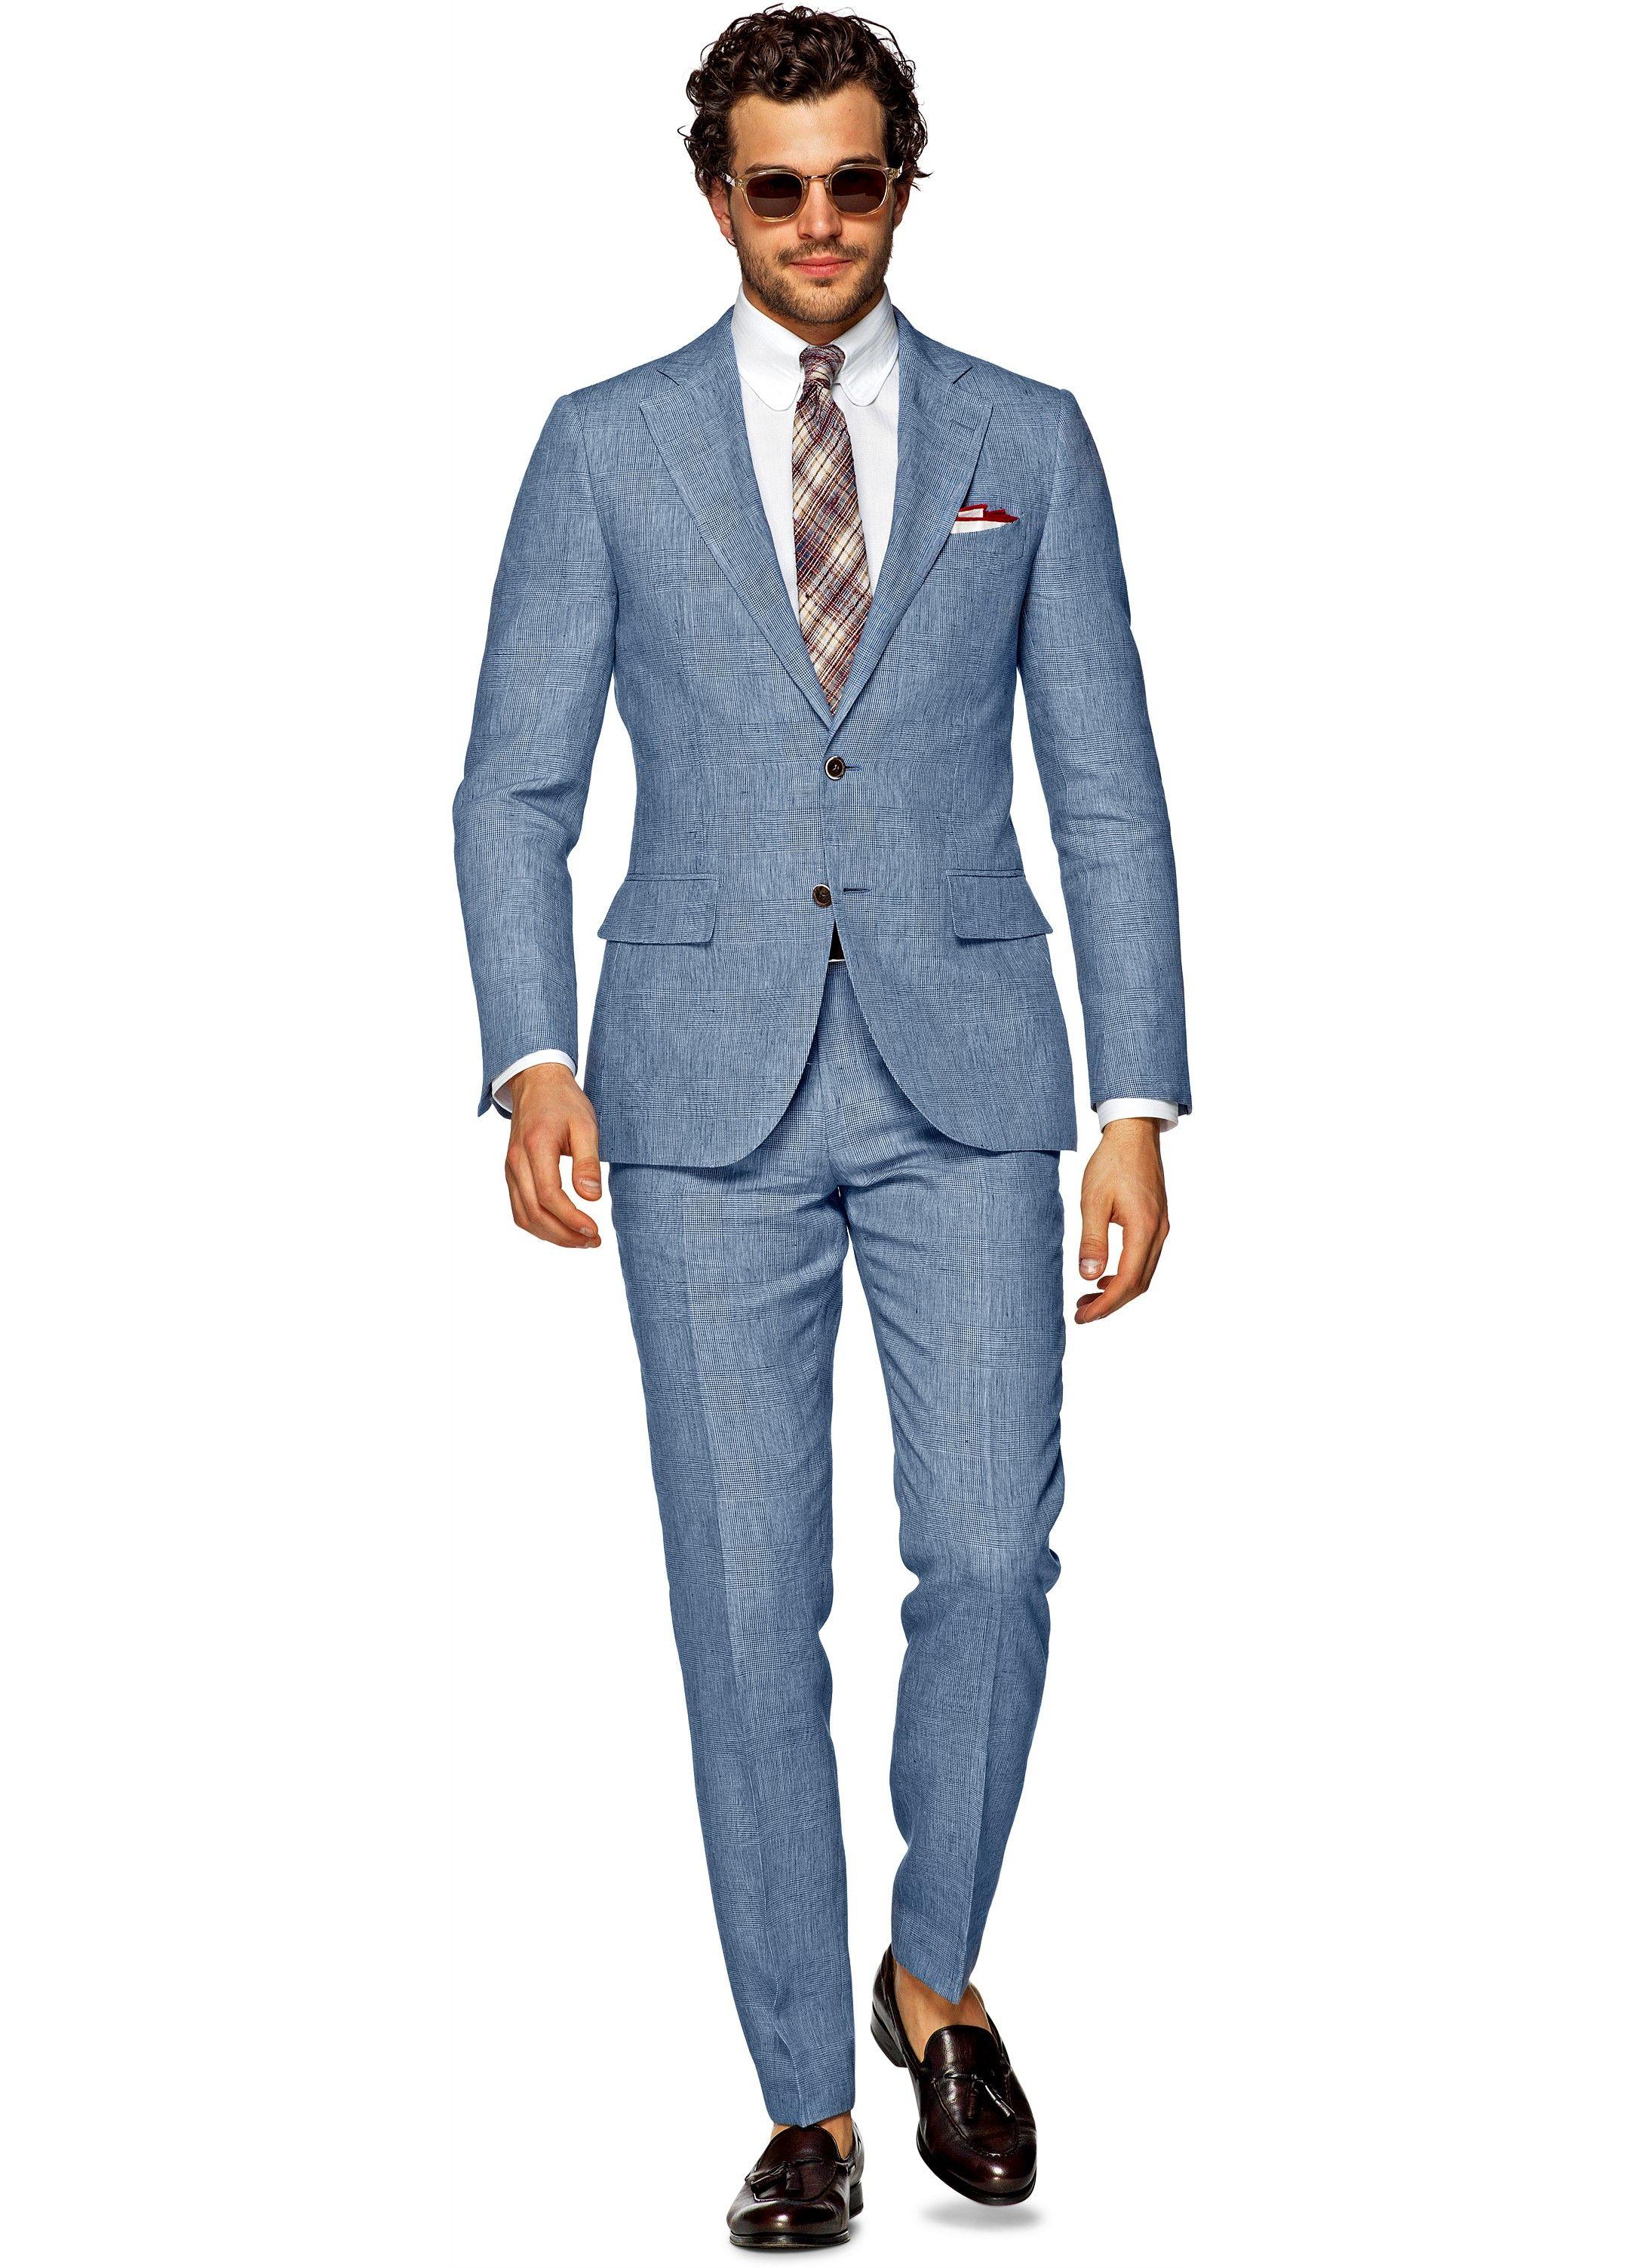 1000  images about suits on Pinterest | Light blue suit, Navy blue